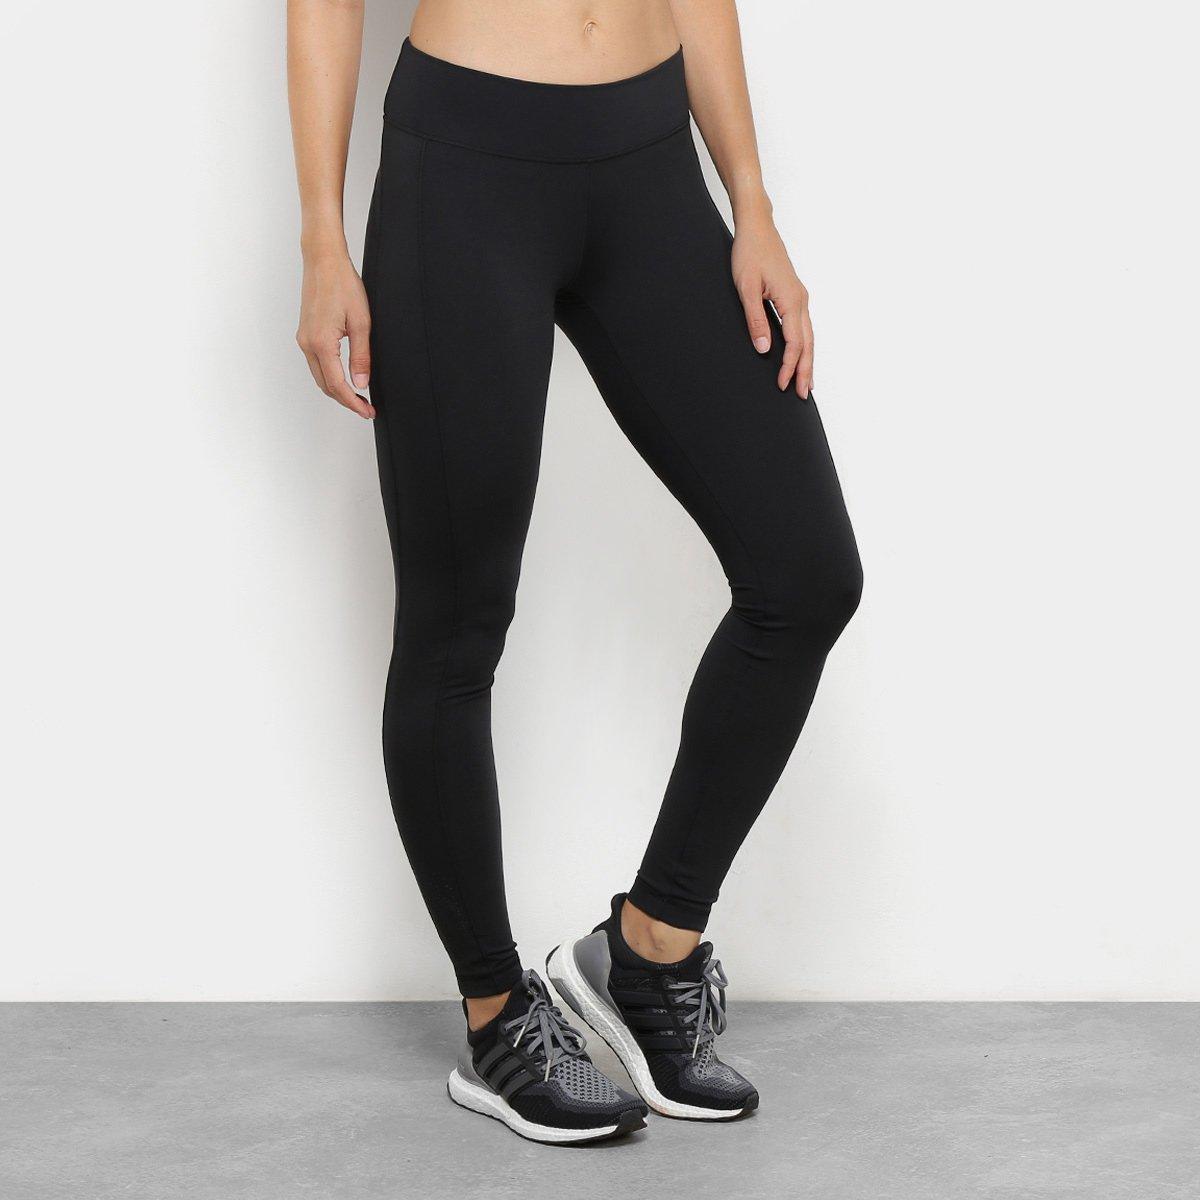 7dd074d13 Calca Legging Adidas VFA Rr ClimaChill Feminina